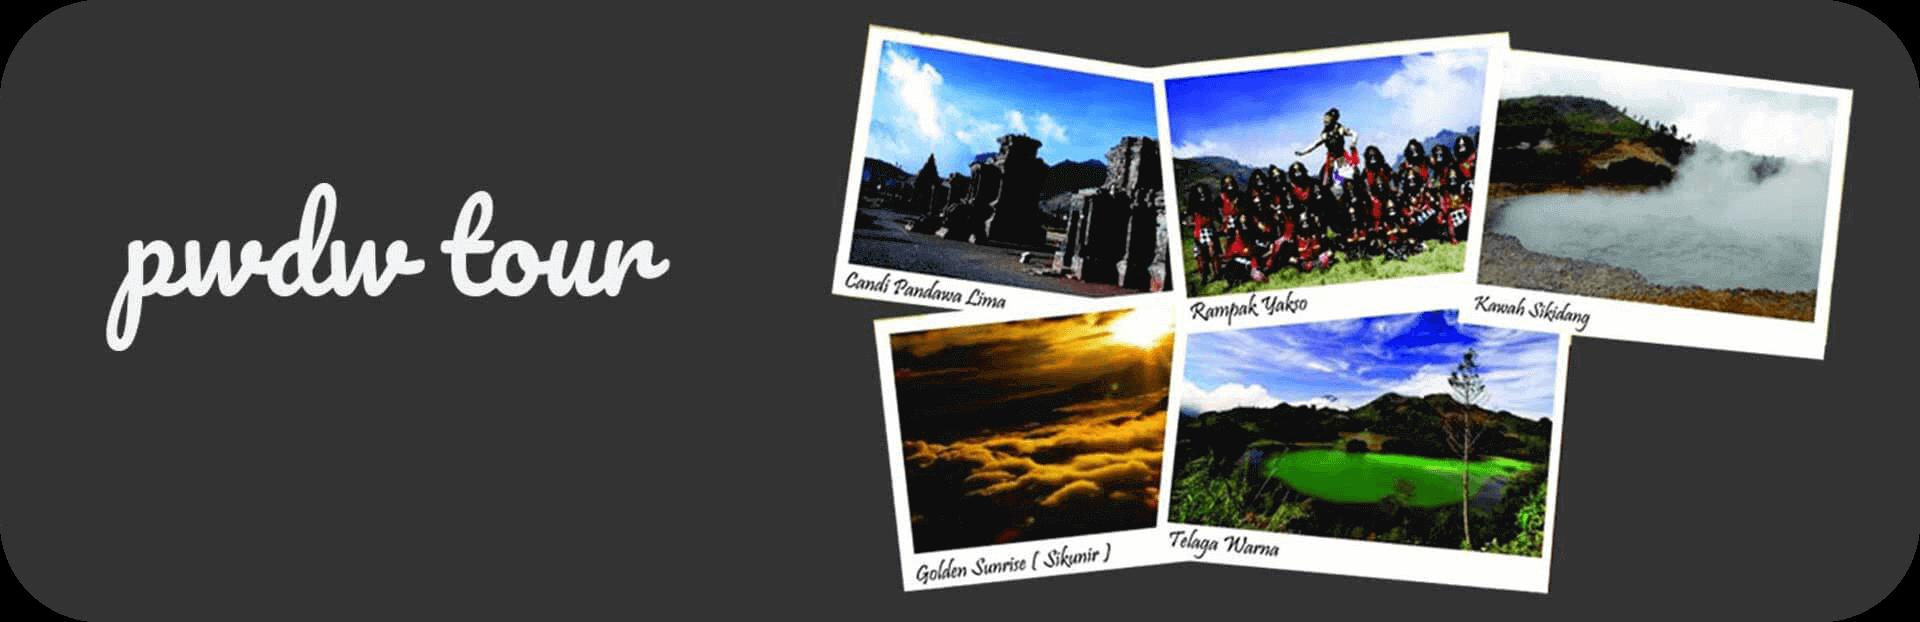 Dieng tour murah 2020 – pilihan paket wisata Dieng terlengkap private tour